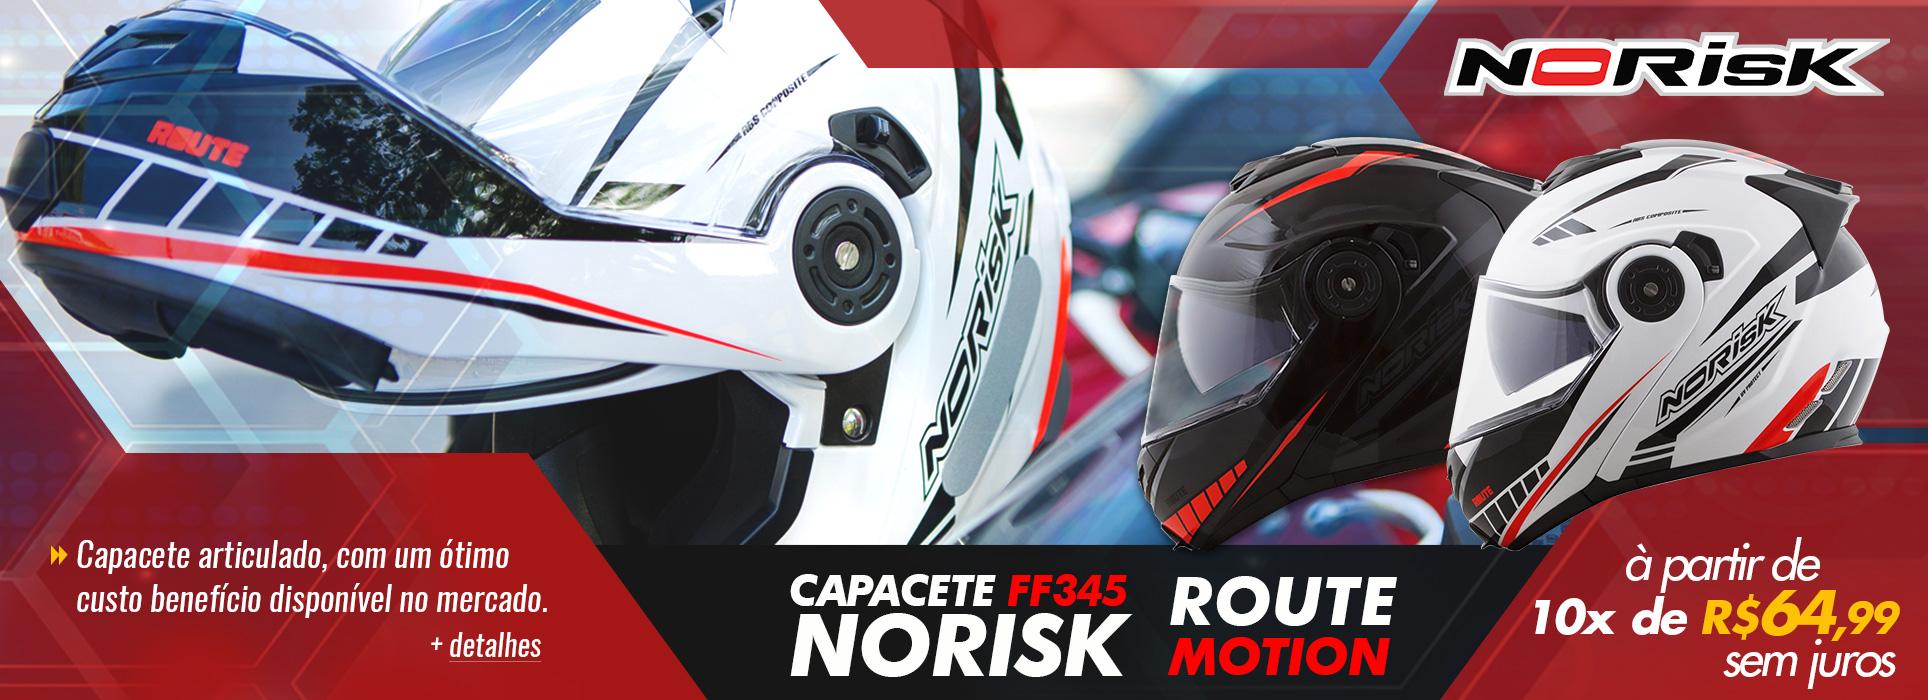 norisk-ff345